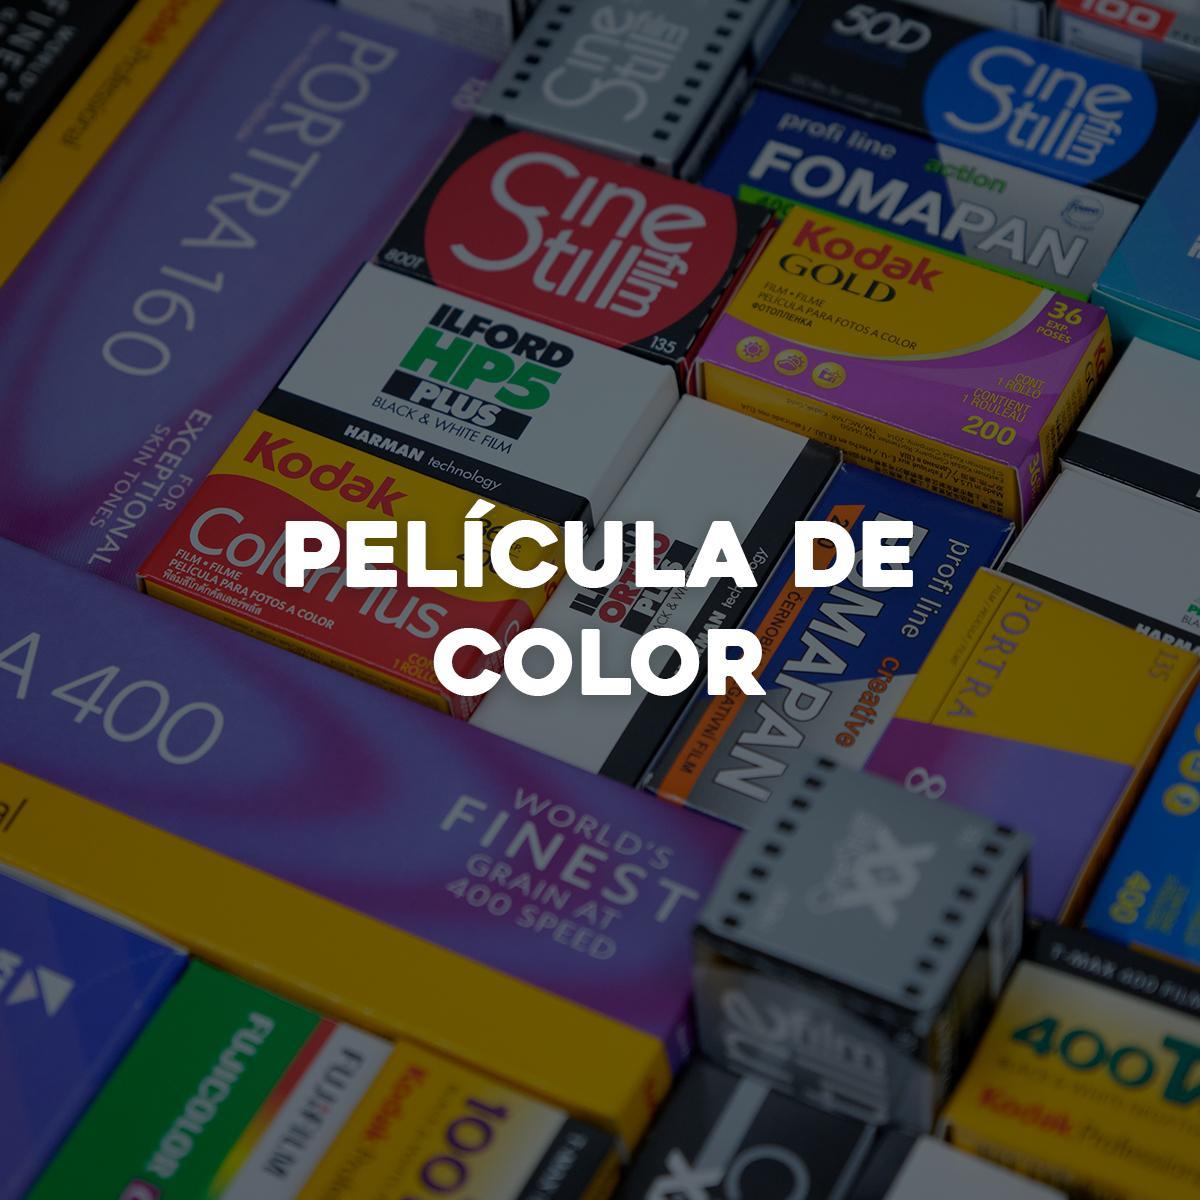 pel·lícula de color